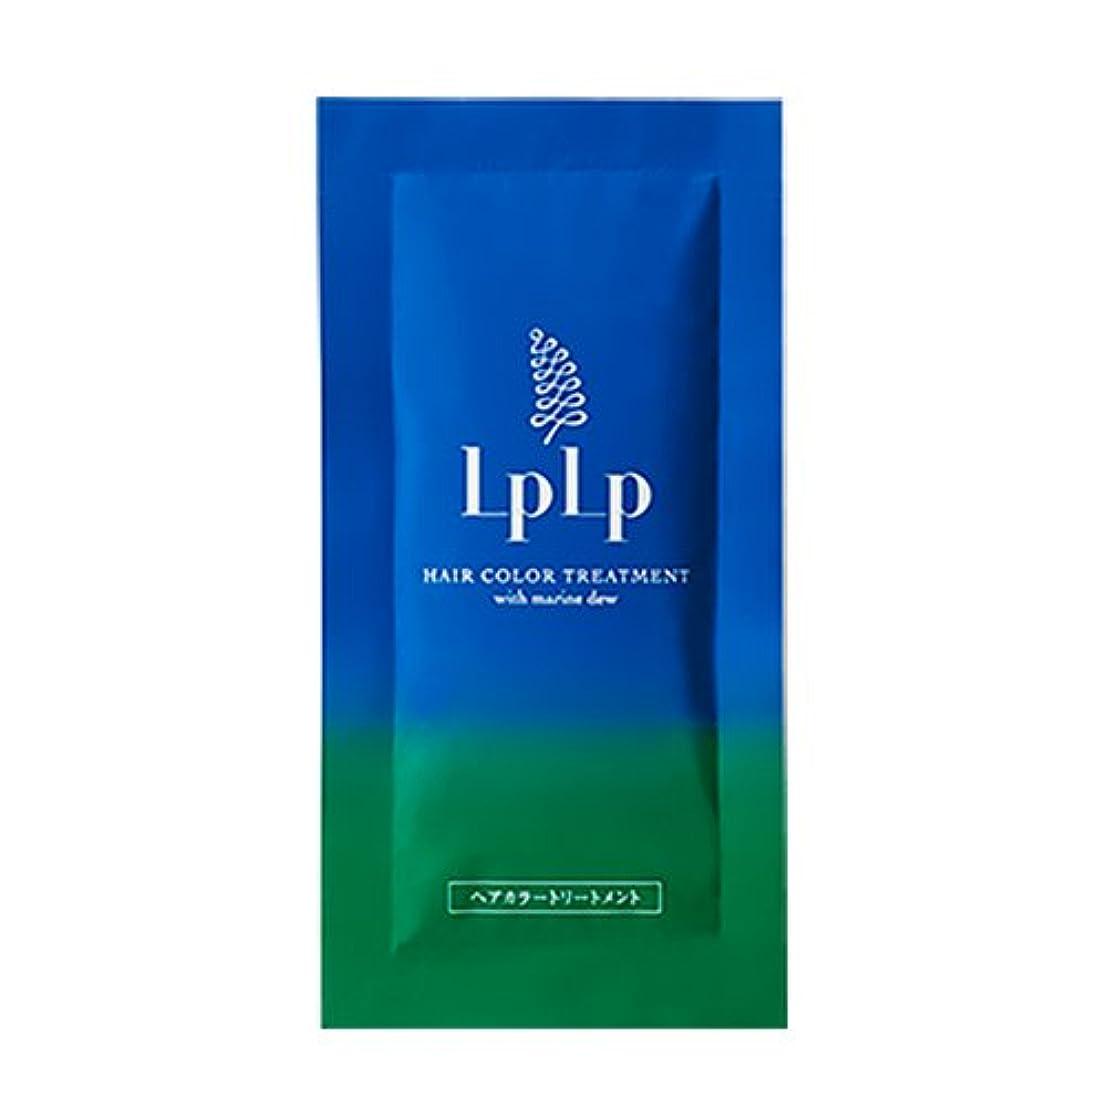 バイパス上院副産物LPLP(ルプルプ)ヘアカラートリートメントお試しパウチ ソフトブラック